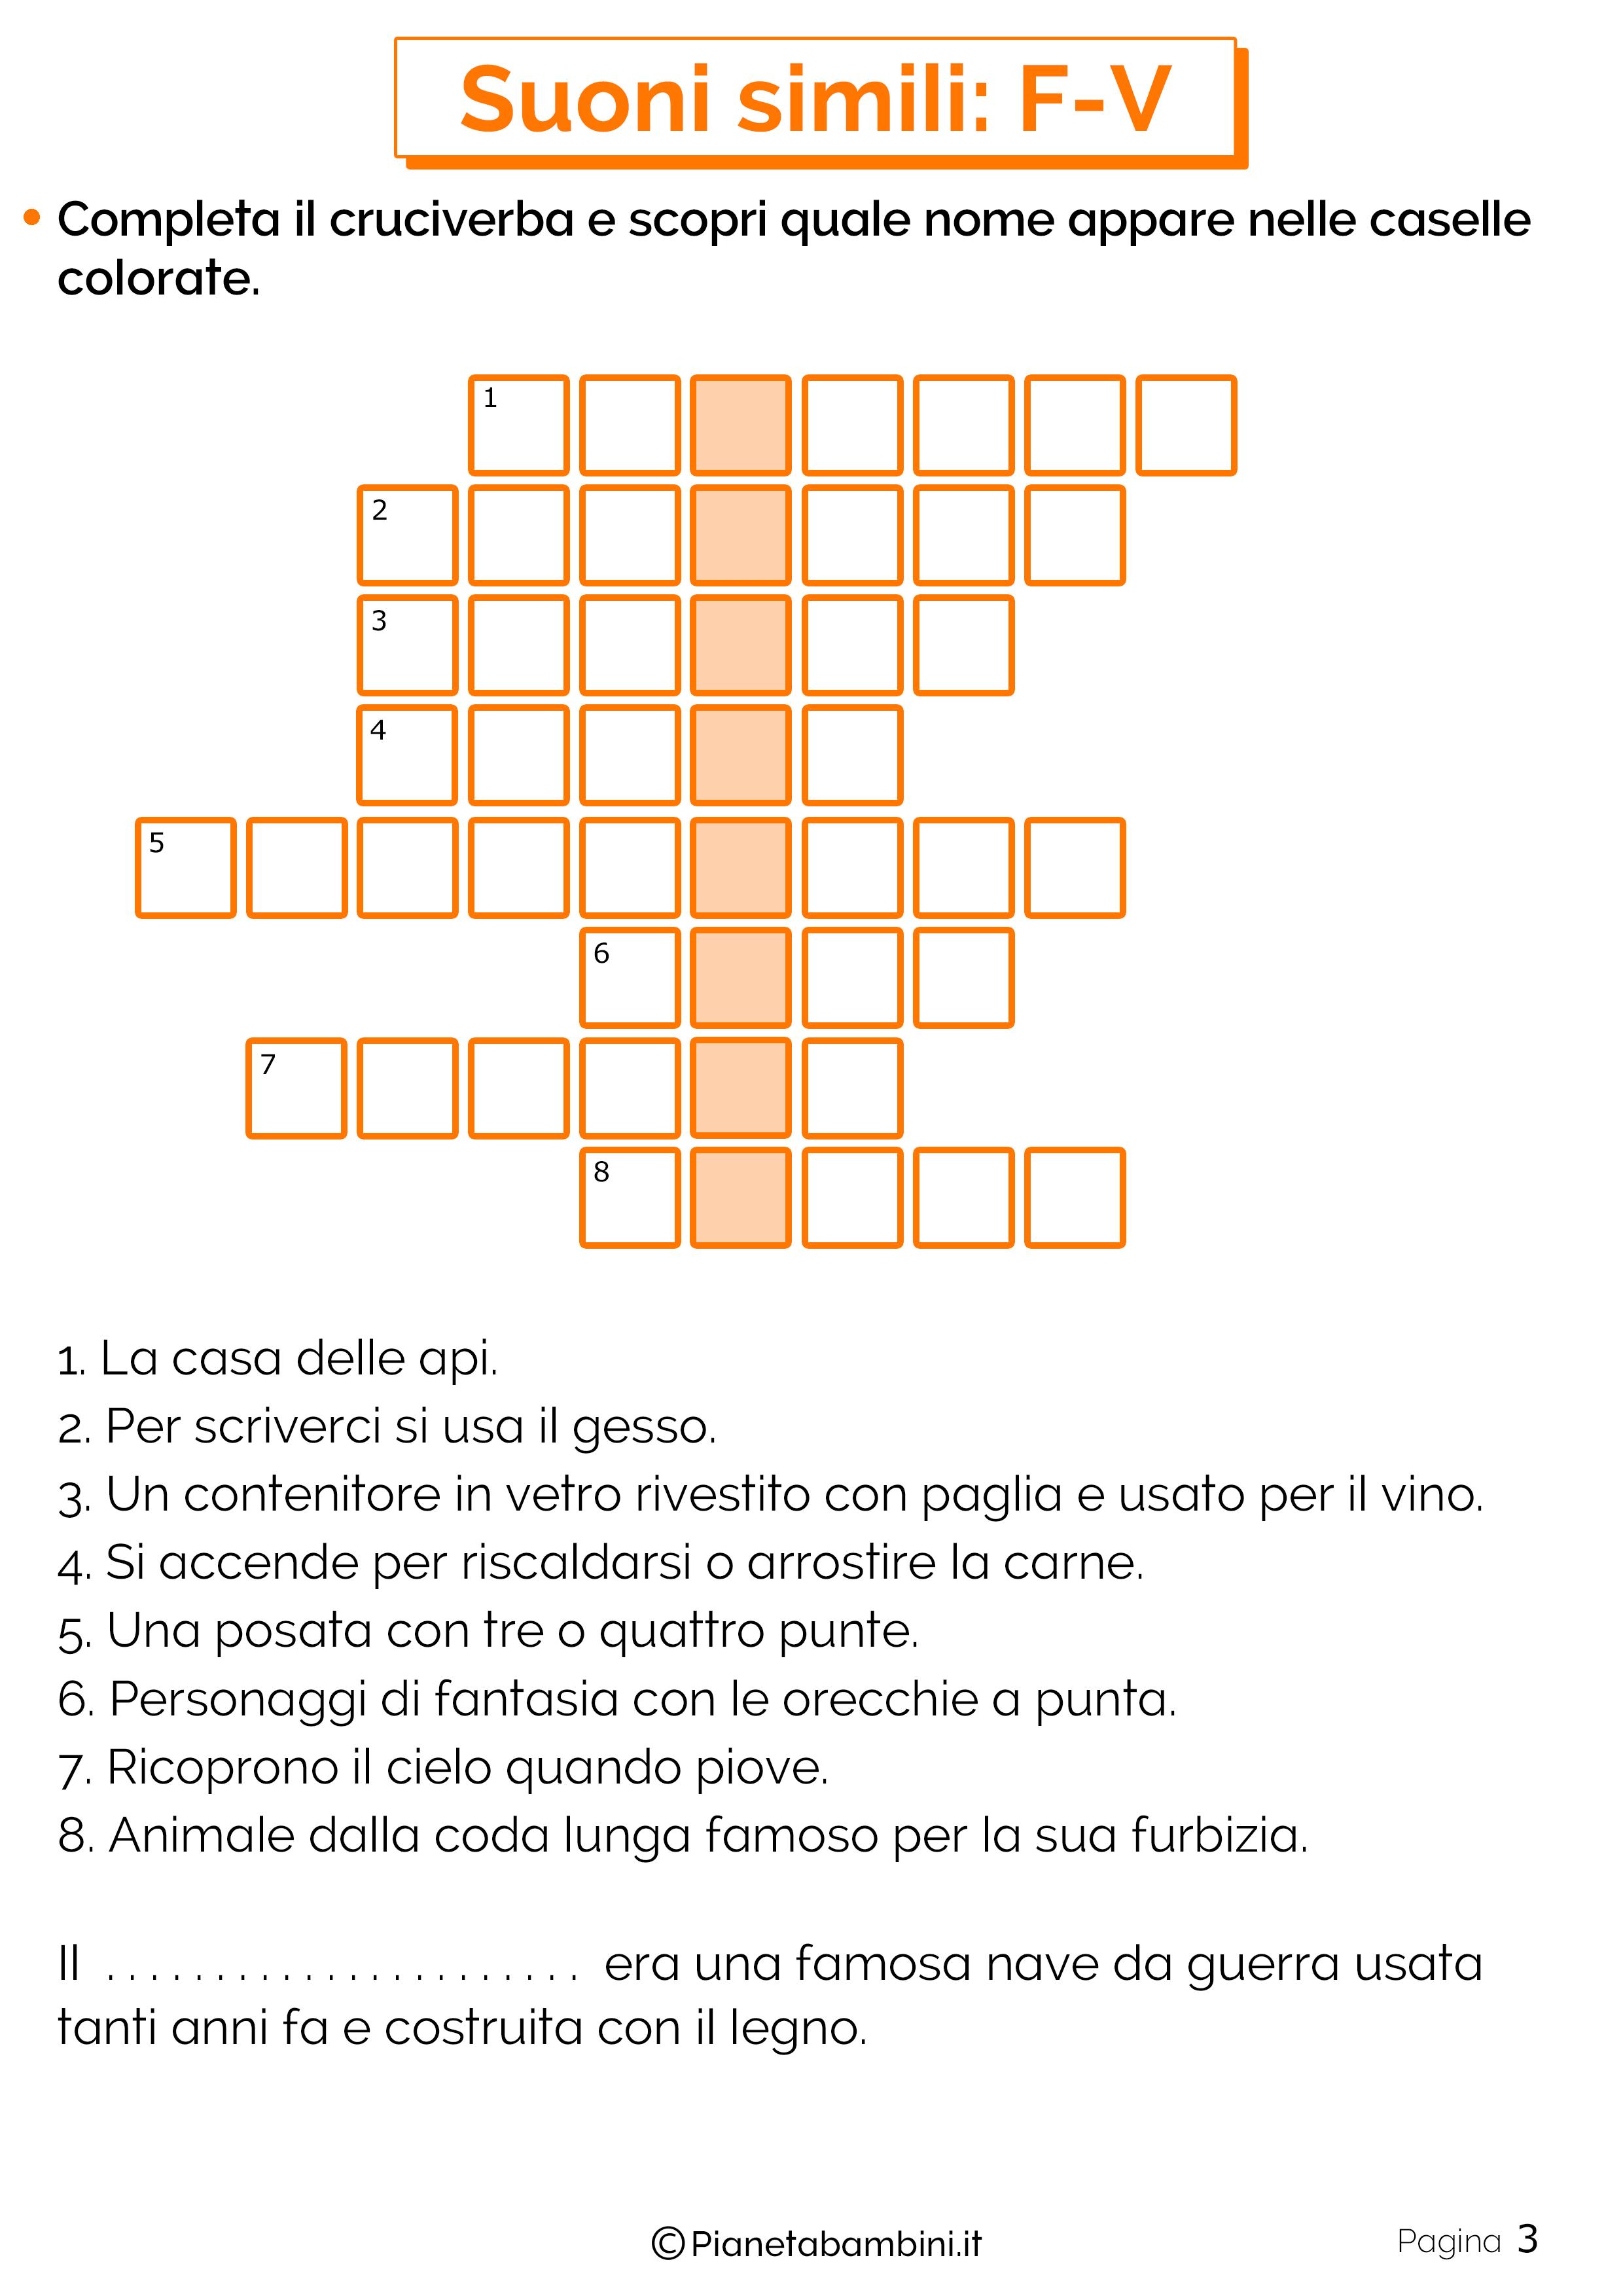 Schede didattiche sui suoni simili F-V pagina 3